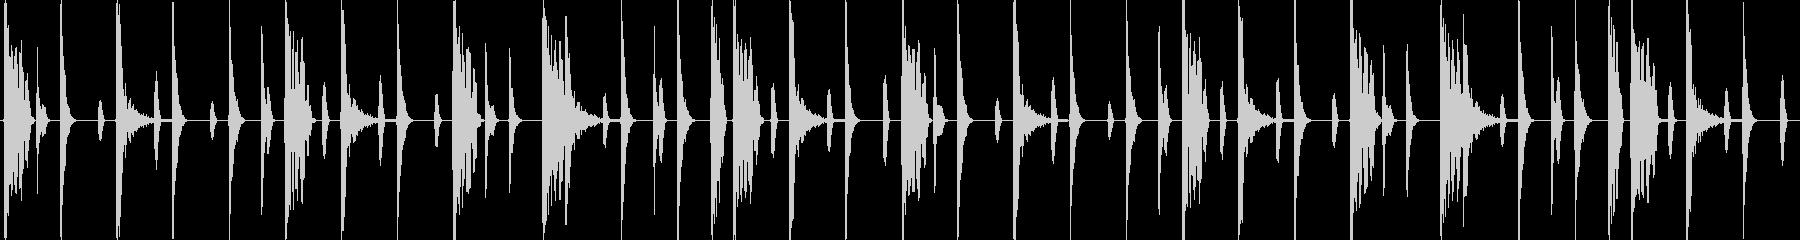 HIPHOP 4小節リズムループの未再生の波形